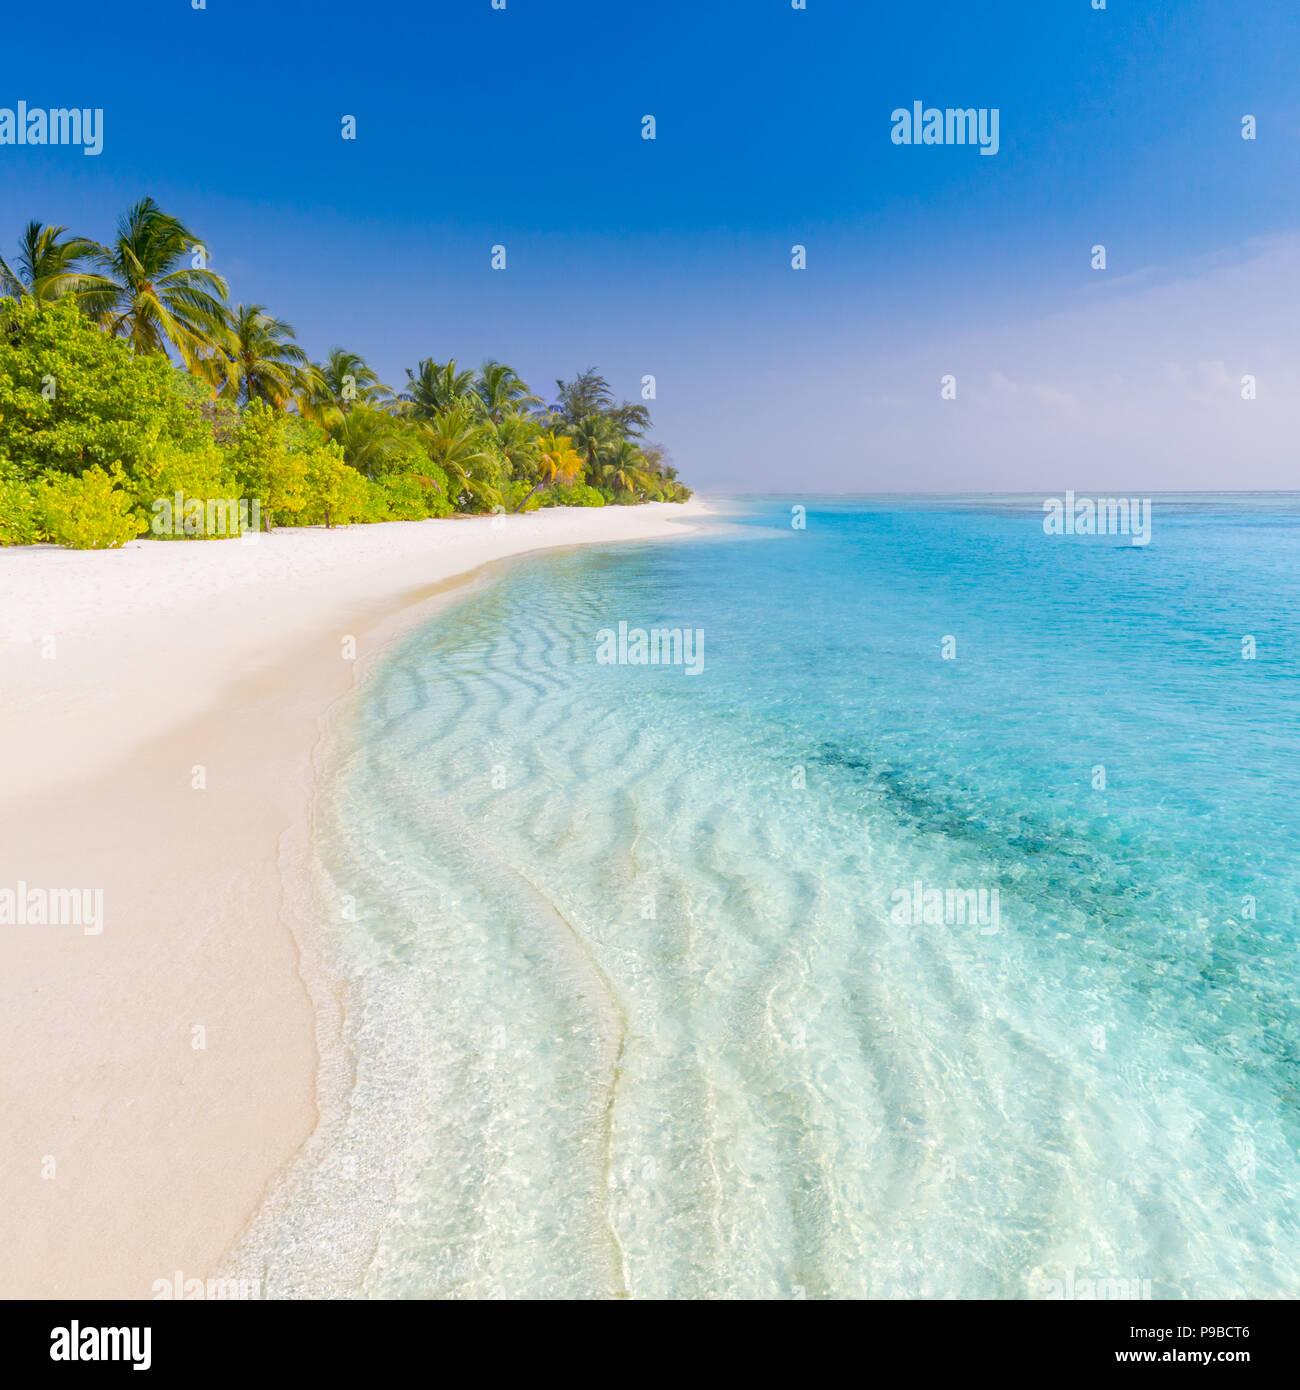 Spiaggia tranquilla banner. Palme e blu stupefacente vista mare con sabbia bianca Immagini Stock